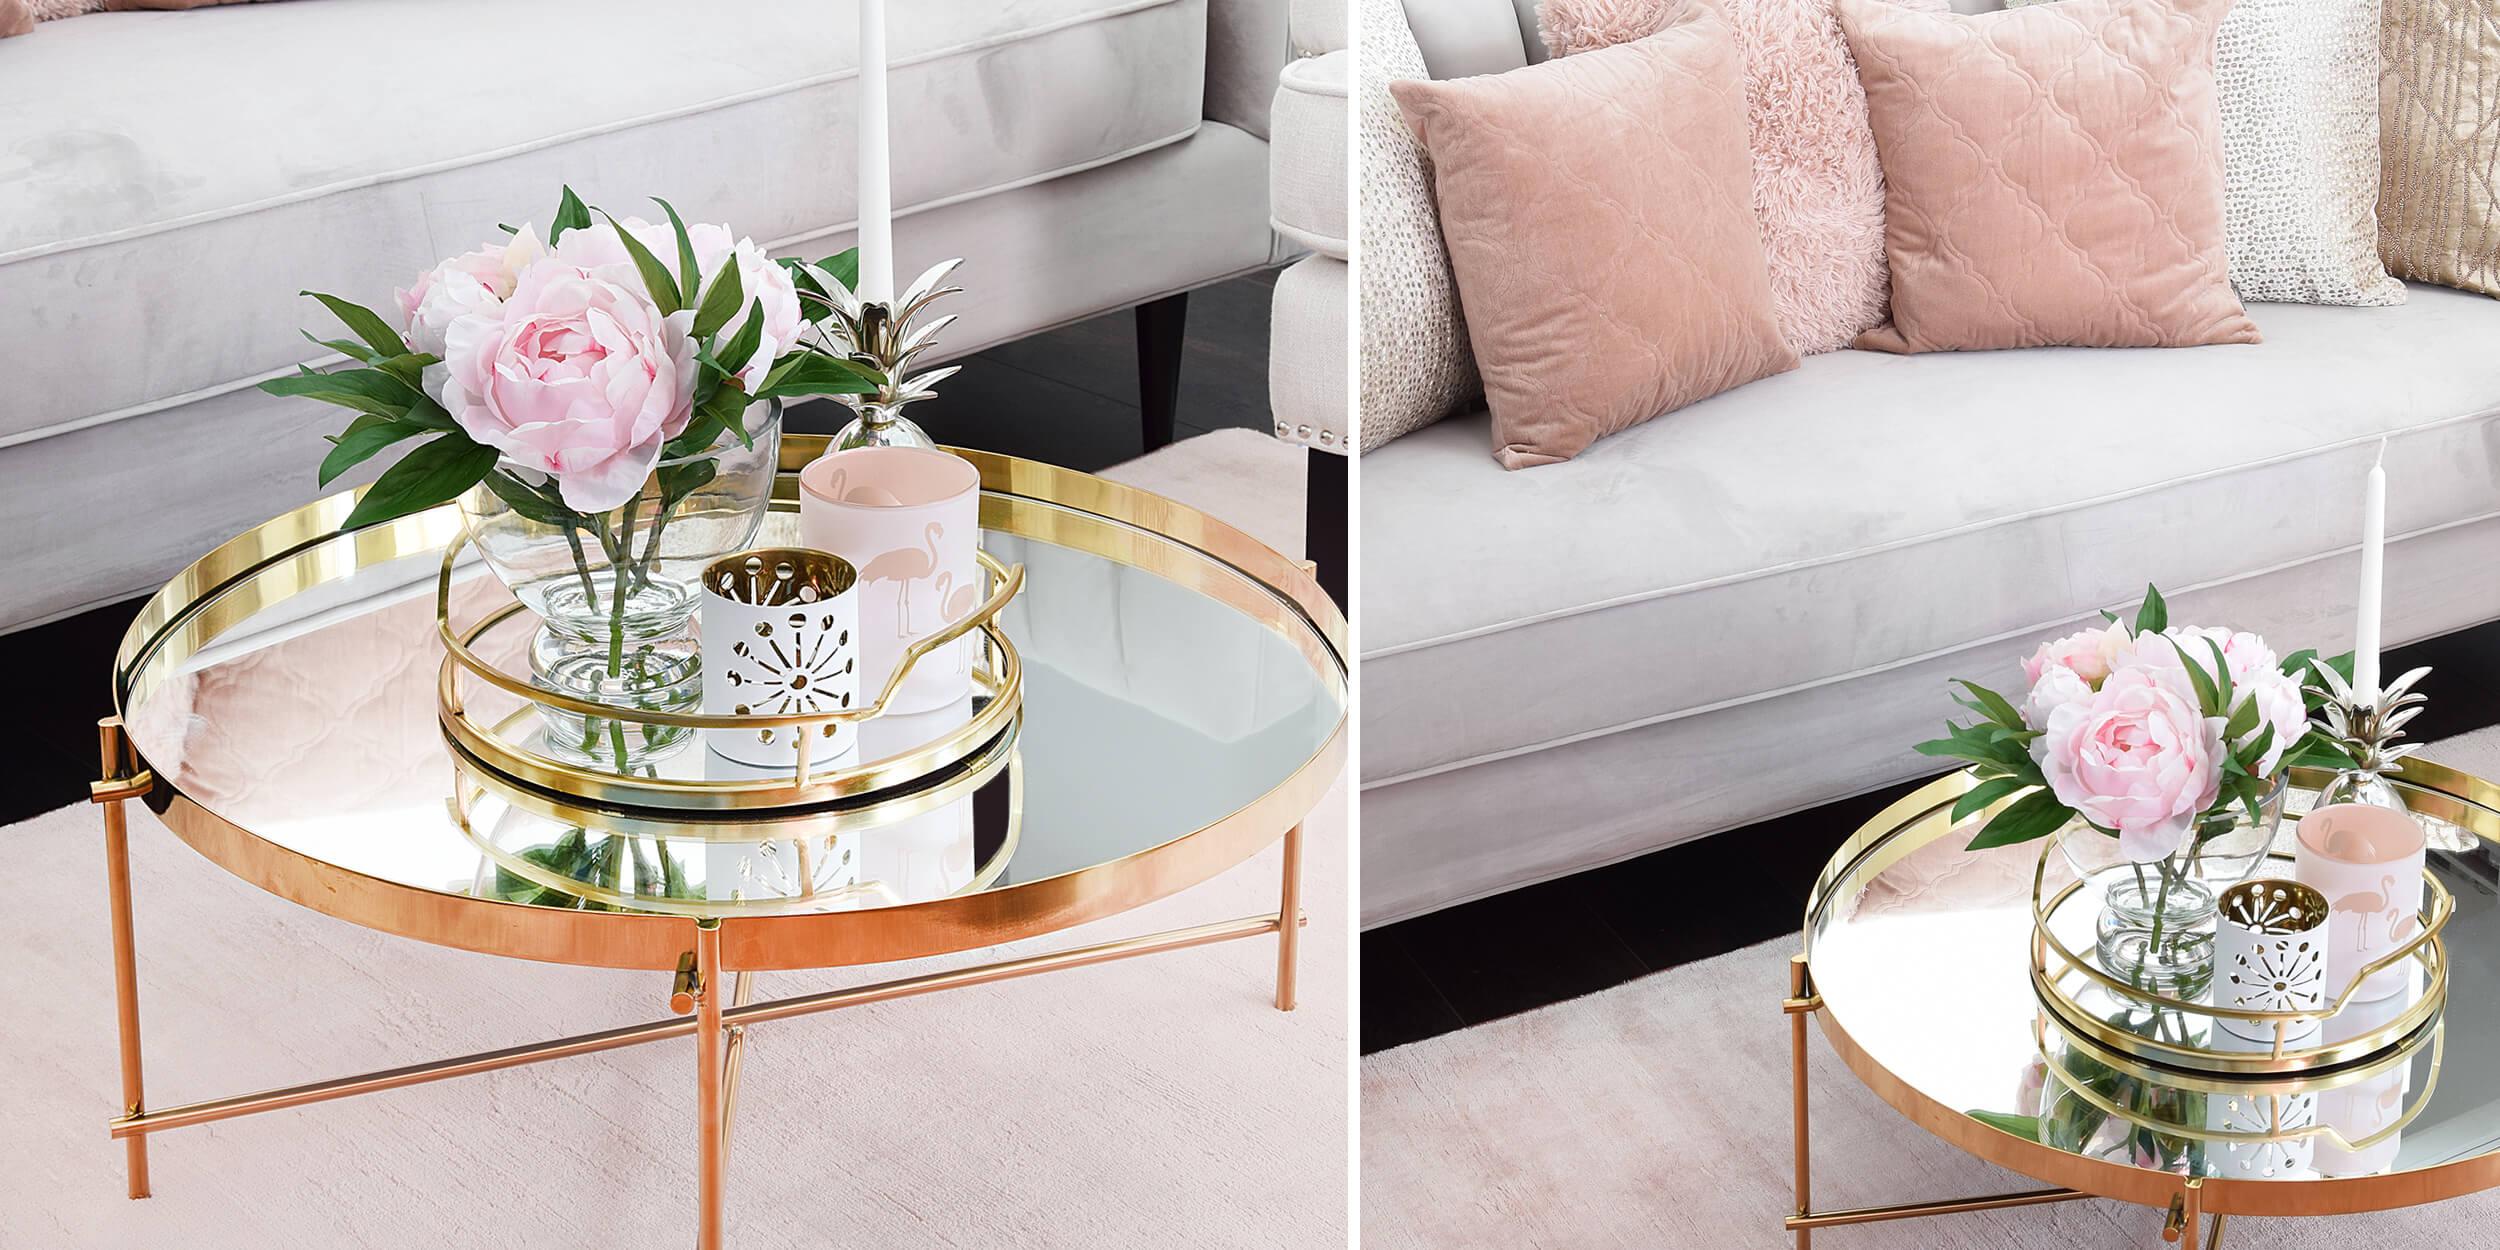 Rosa & Gold - stylishe Farbakzente zum Verlieben :)